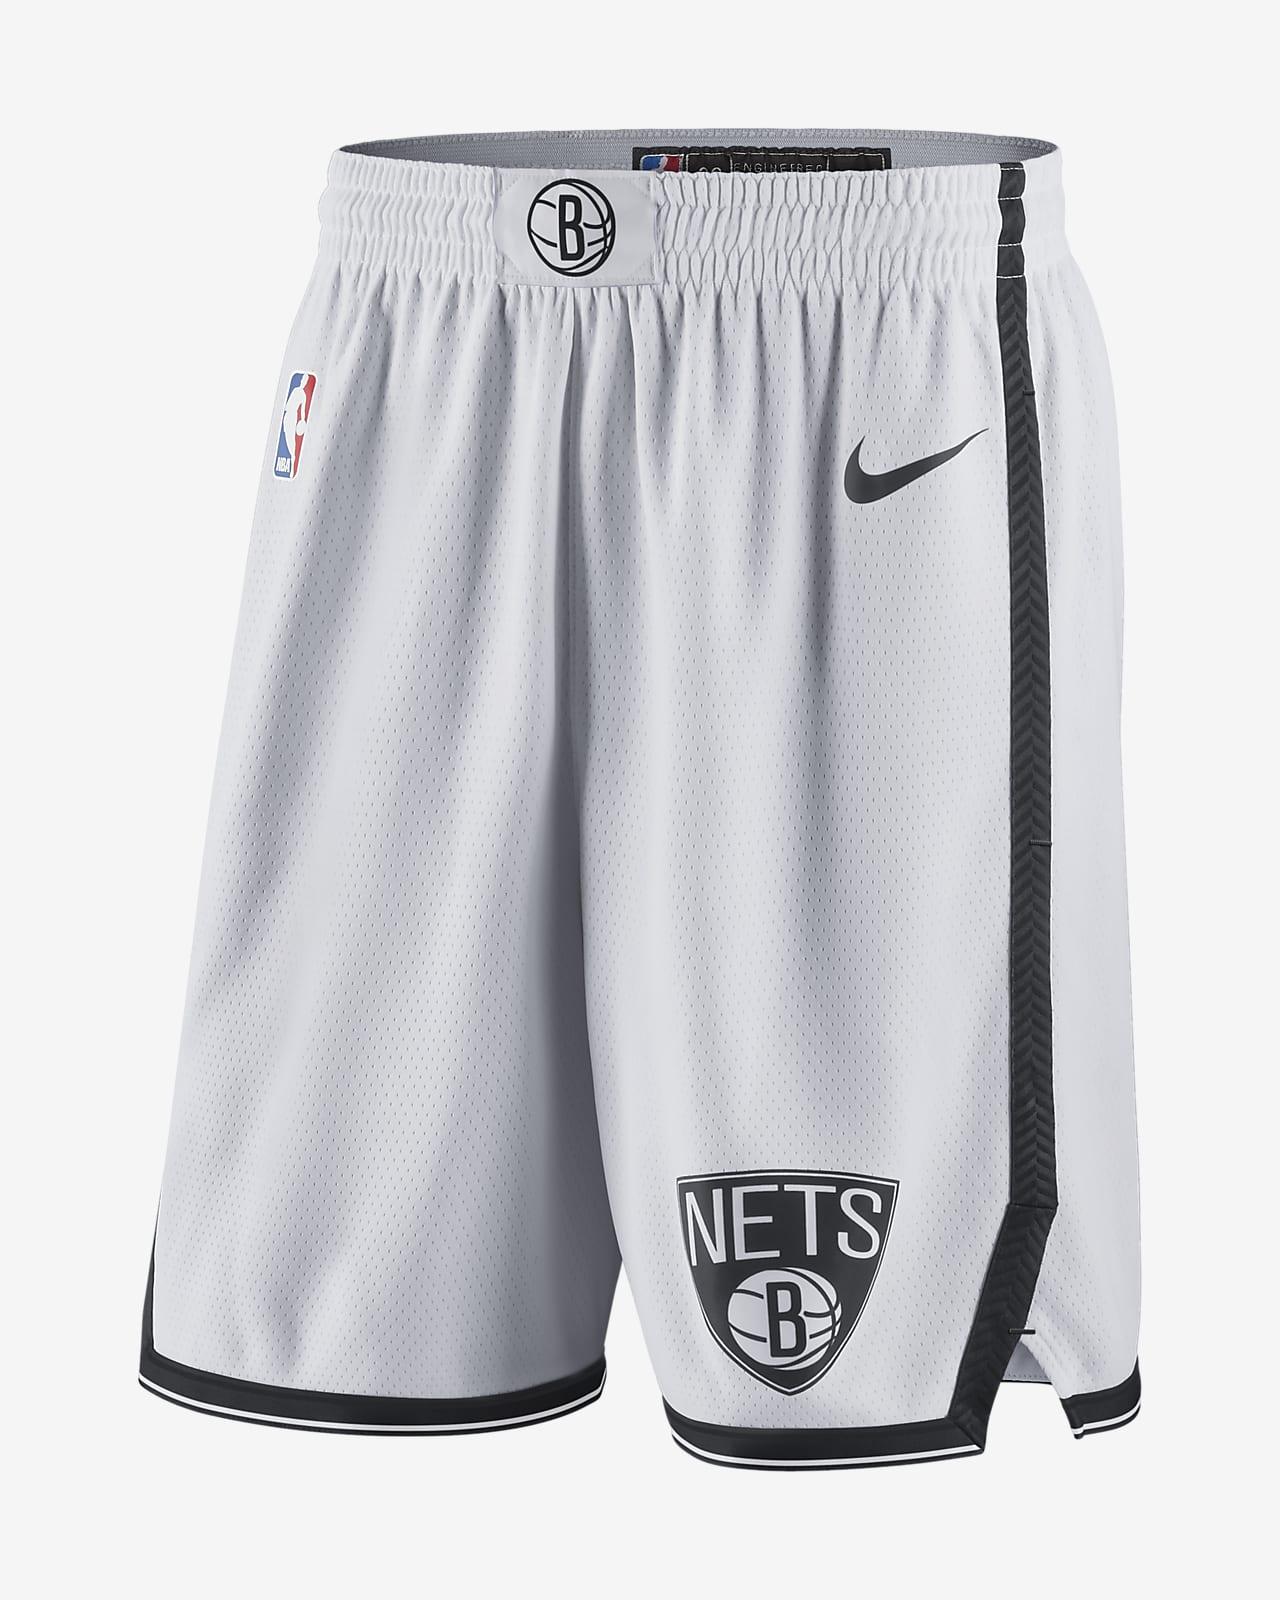 Calções NBA Nike Swingman Brooklyn Nets para homem